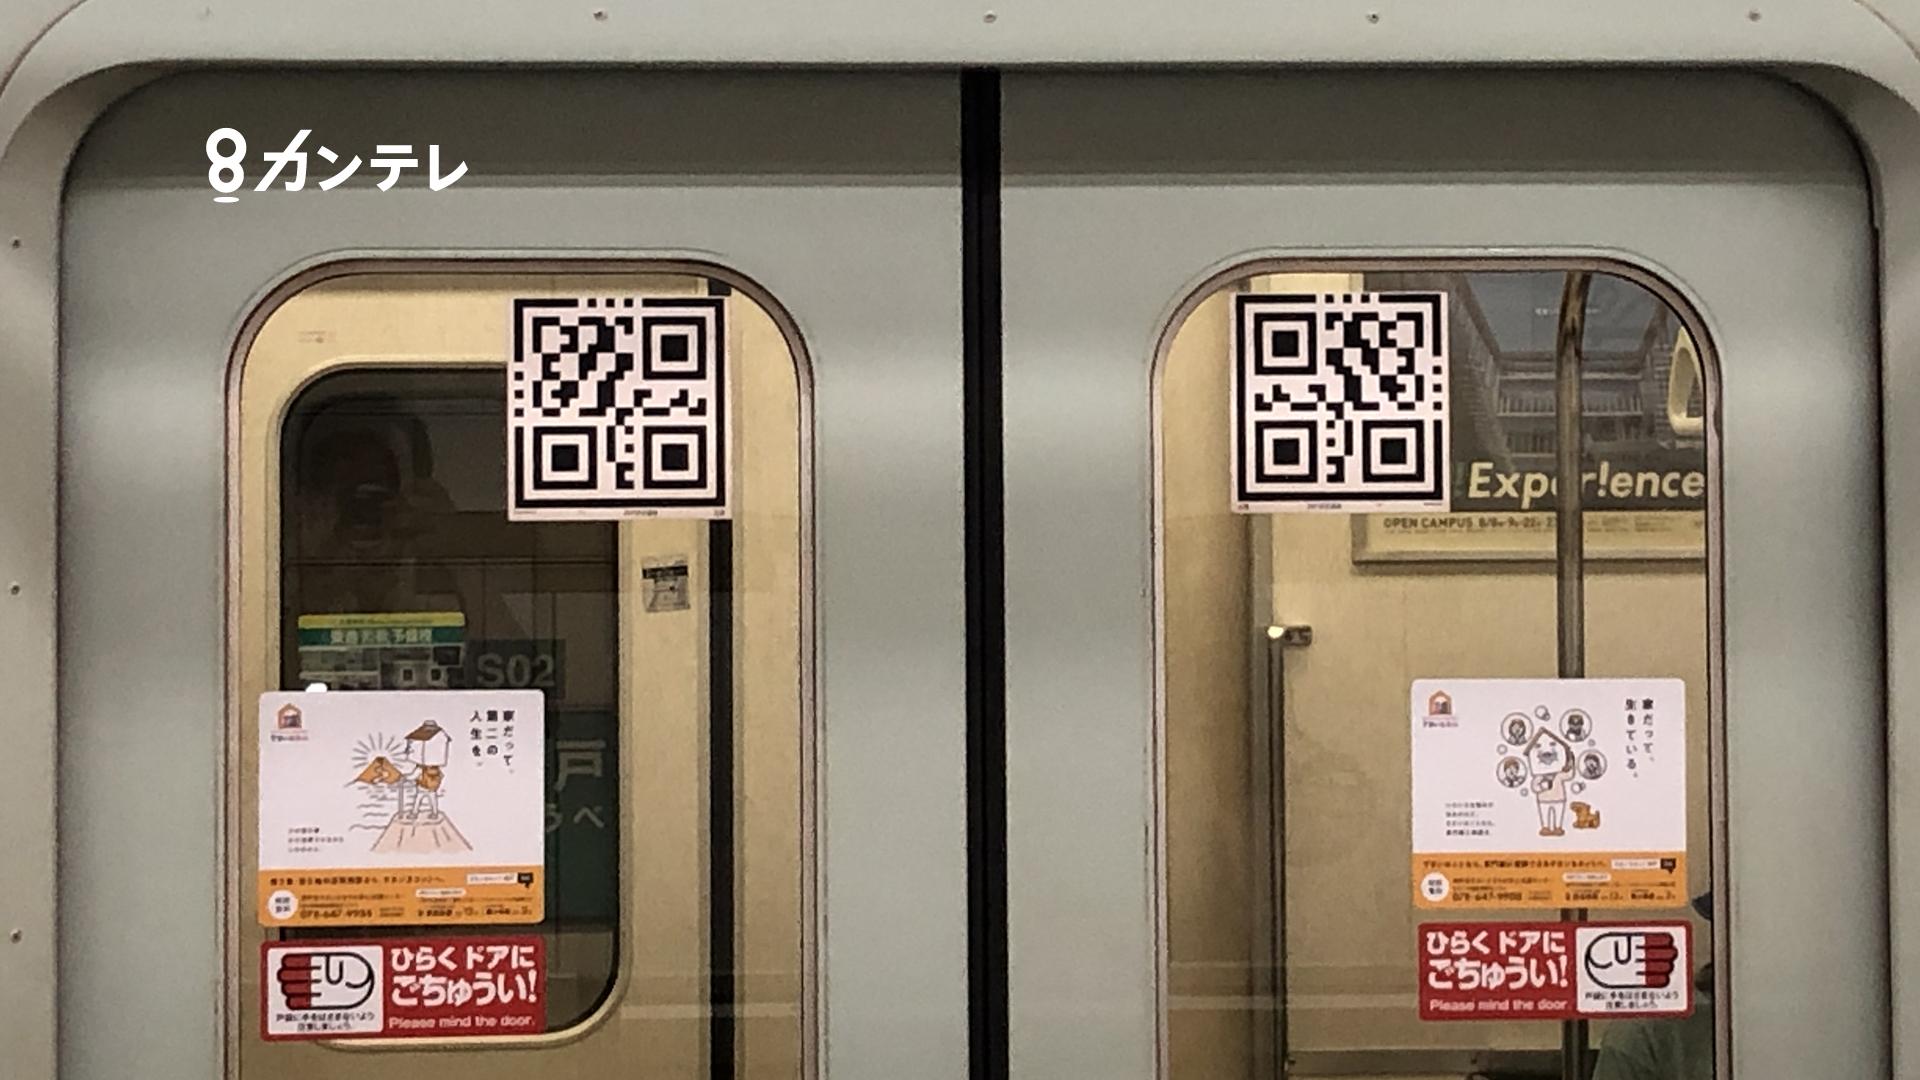 「何に使う? 地下鉄に謎のQRコード」~神戸市営地下鉄~